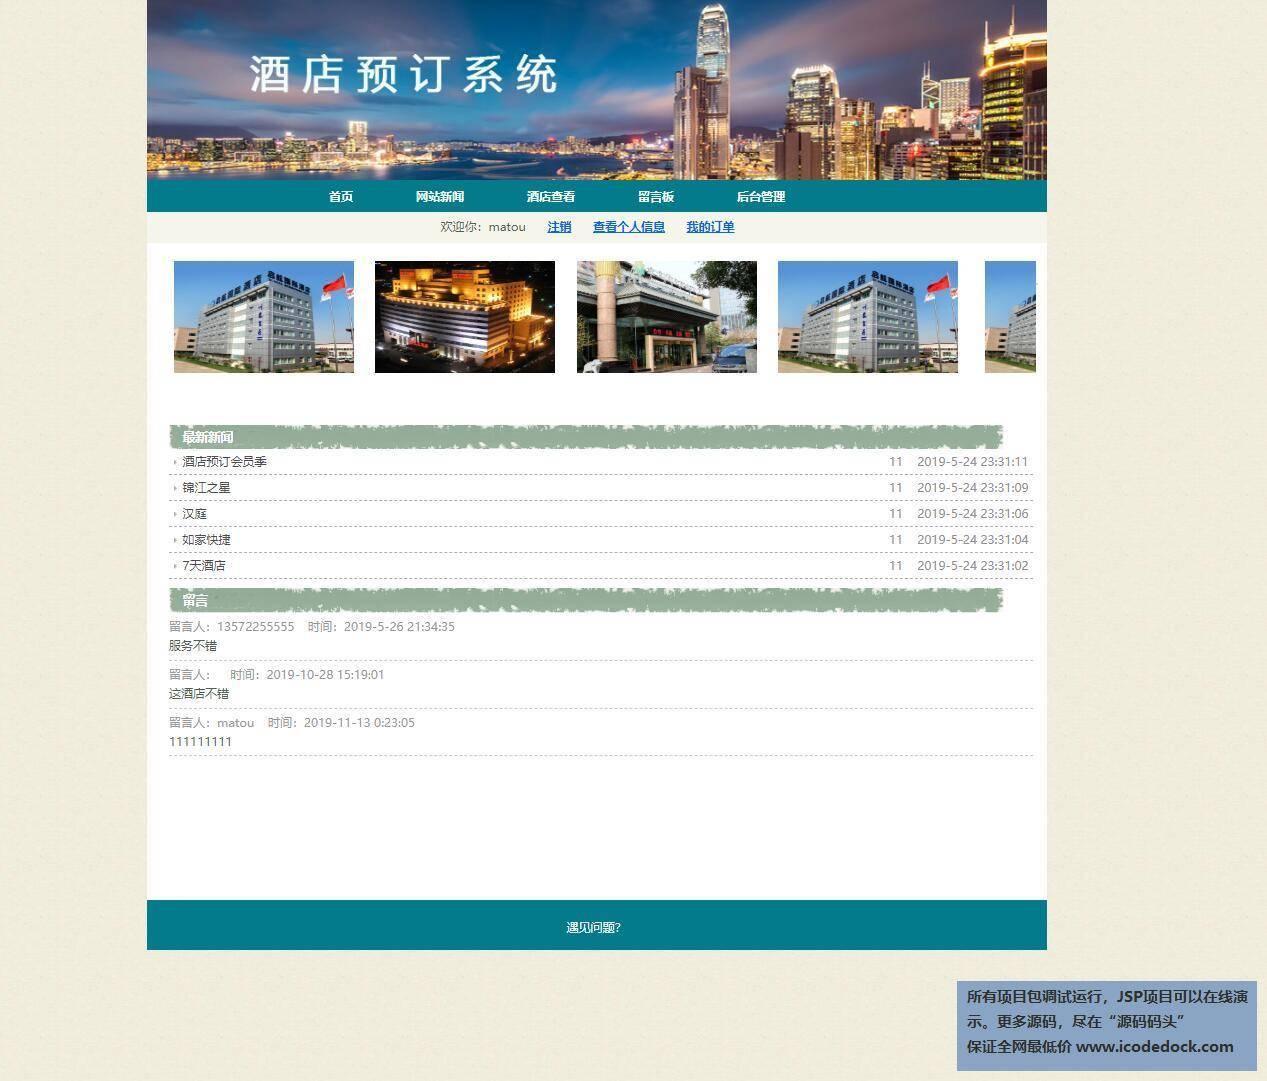 源码码头-JSP酒店预定管理系统-用户角色-用户登录注册